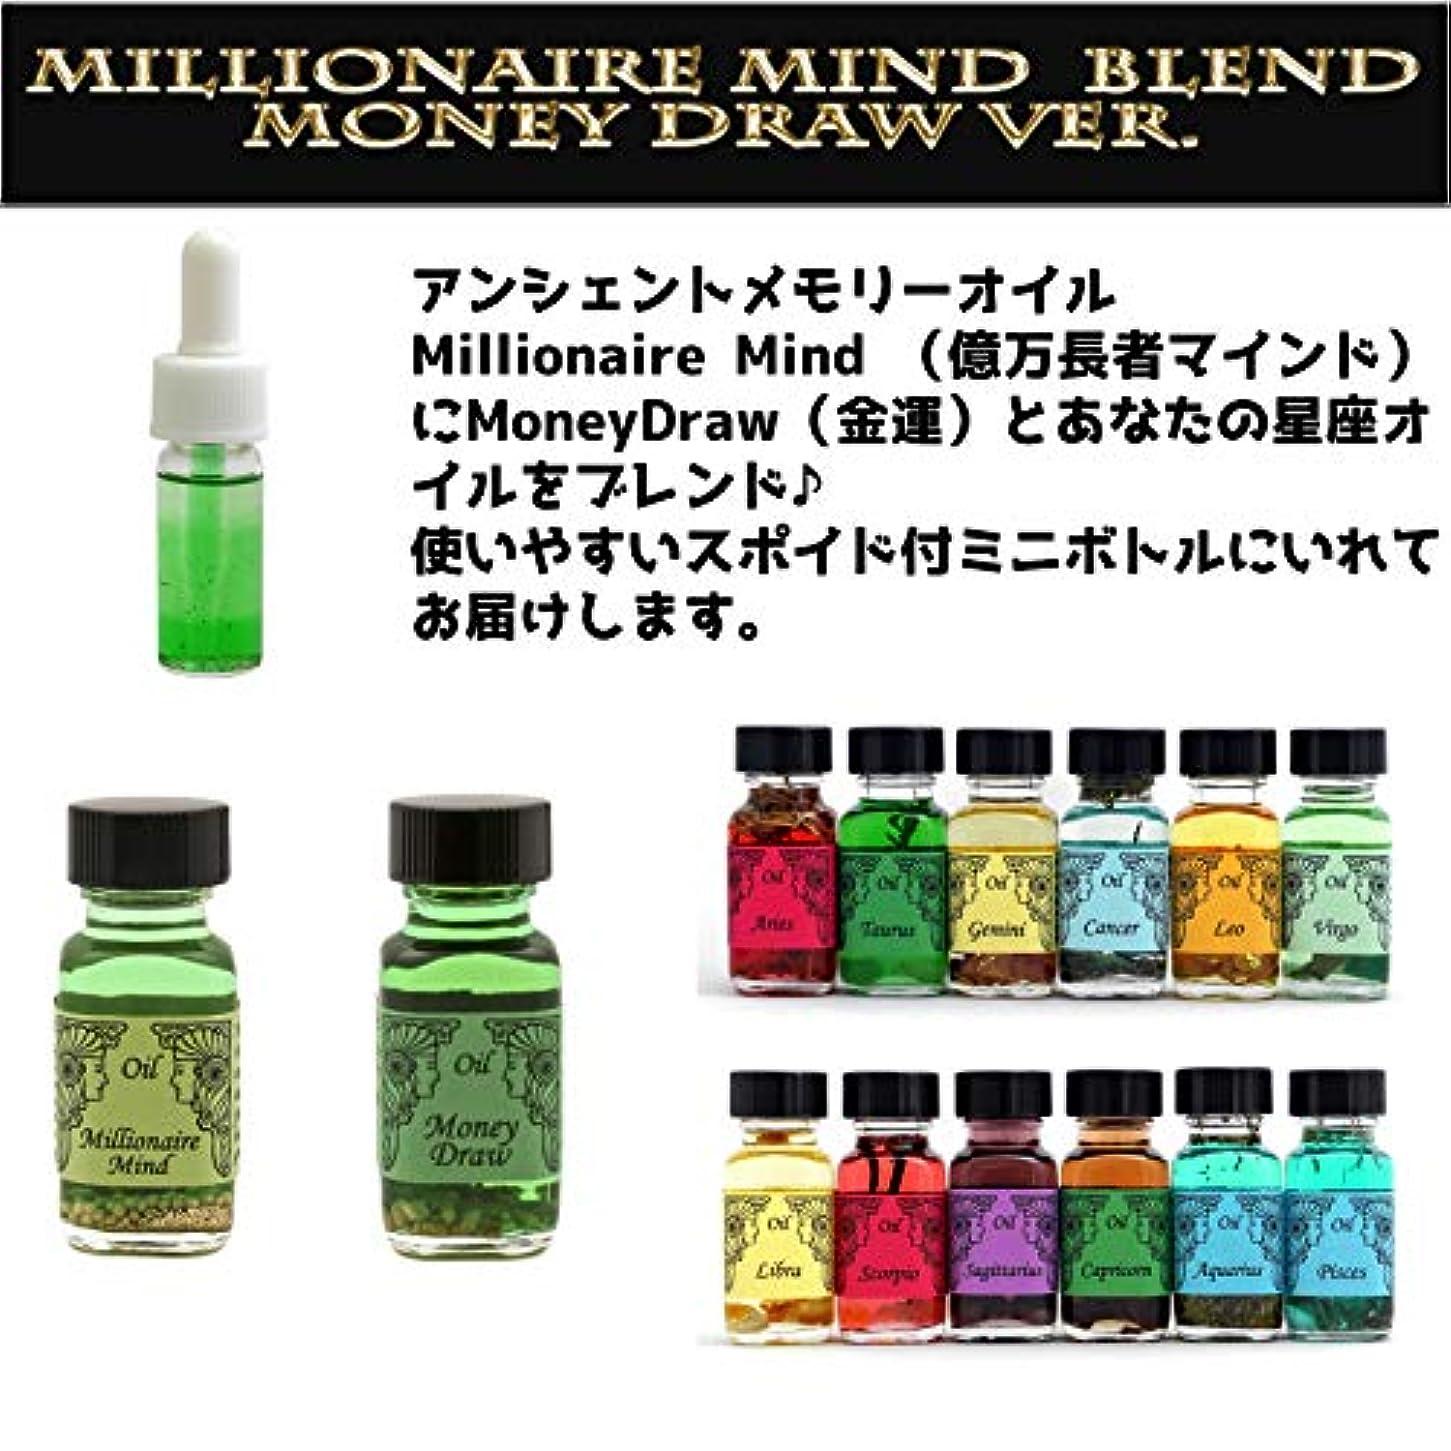 ゆでる以来アクションアンシェントメモリーオイル Millionaire Mind 億万長者マインド ブレンド(Money Drawマネードロー(金運)&さそり座